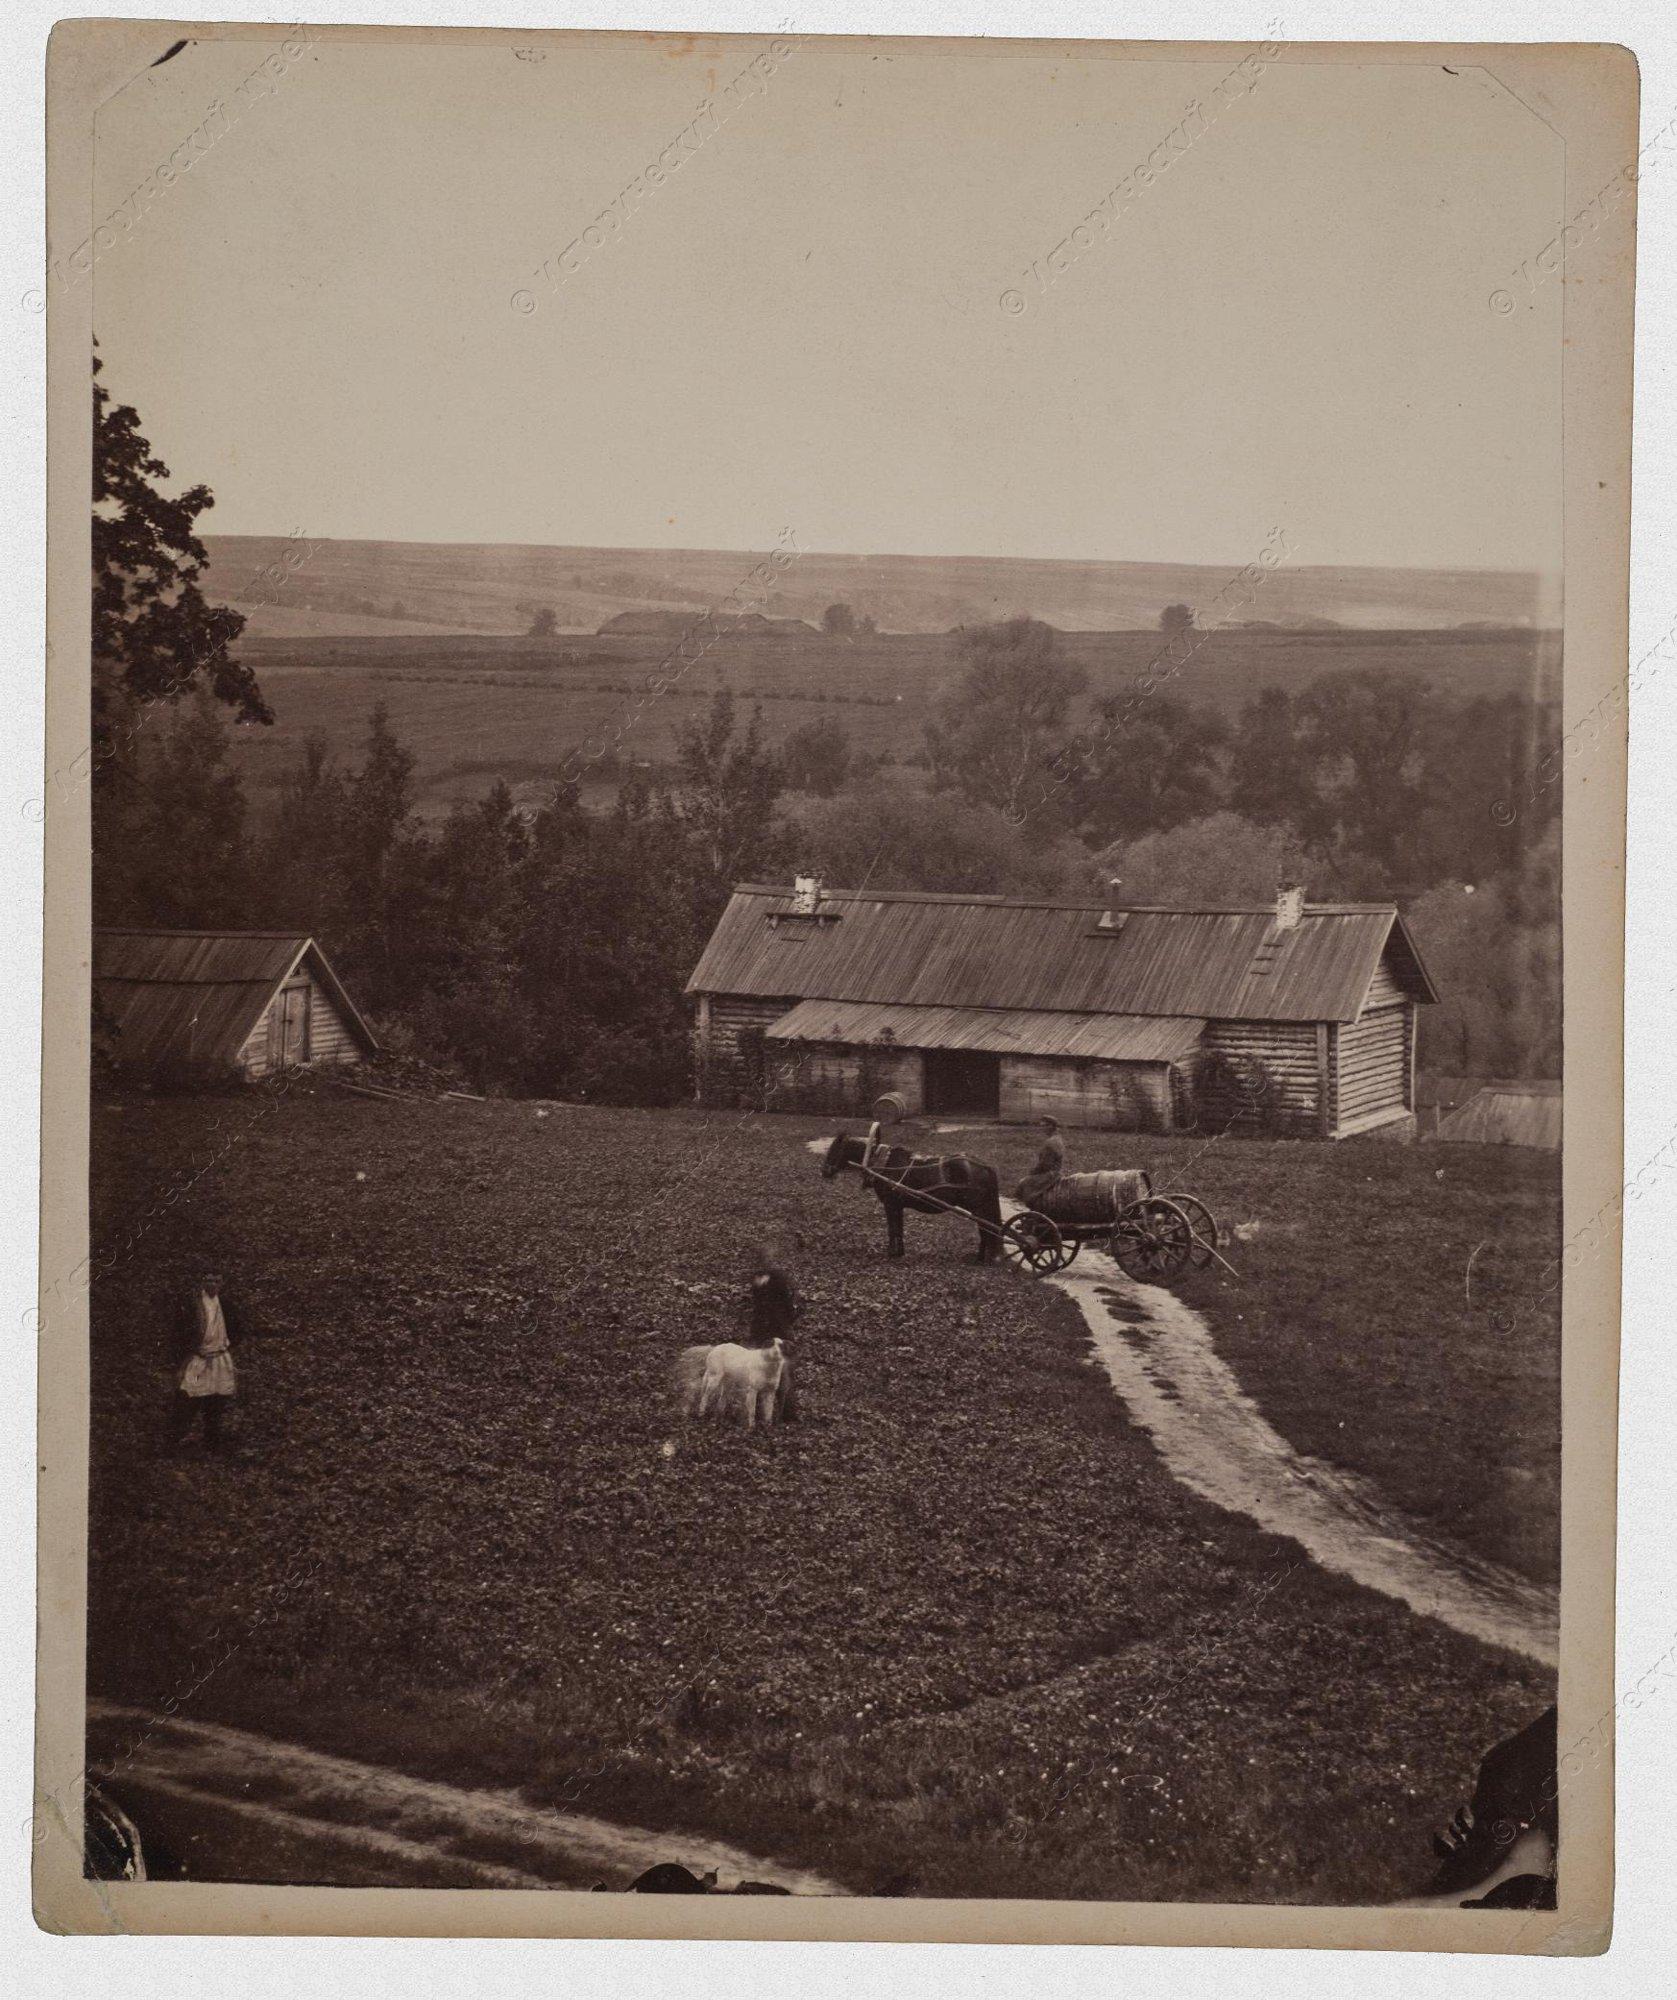 1860-е. Усадьба Уты. Вид хозяйственных построек